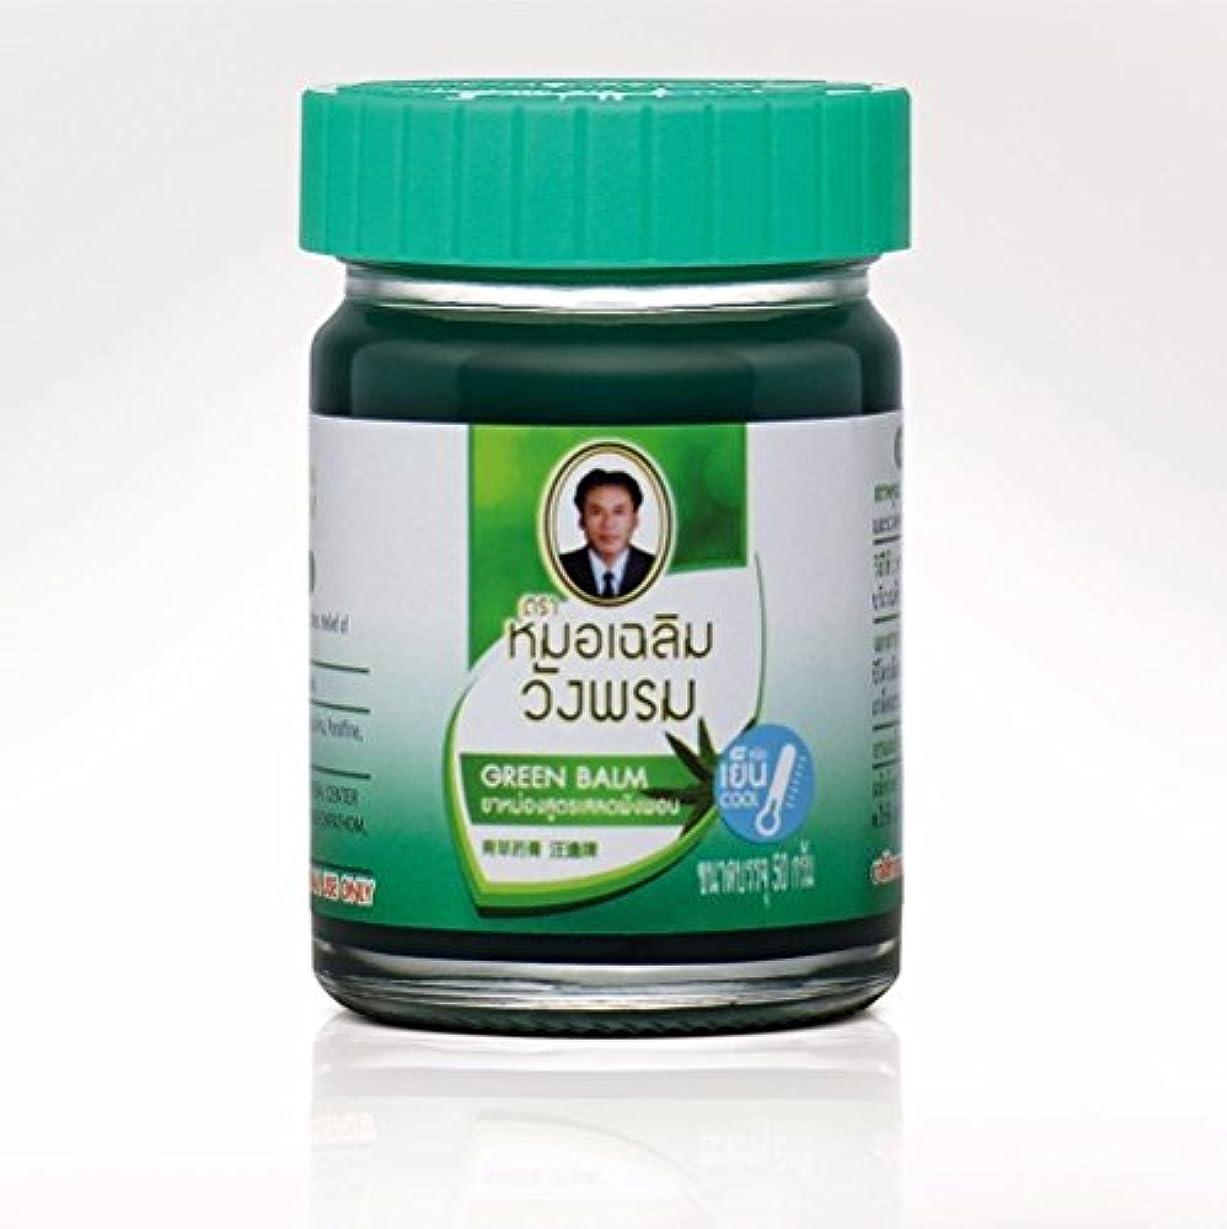 ステートメントアンソロジー失礼50G.Wangphrom Thai Herbal Balm Massage Body Relief Muscle Pain,Thai Herb Green Balm (COOL) size 50 gram..(2 pc.)